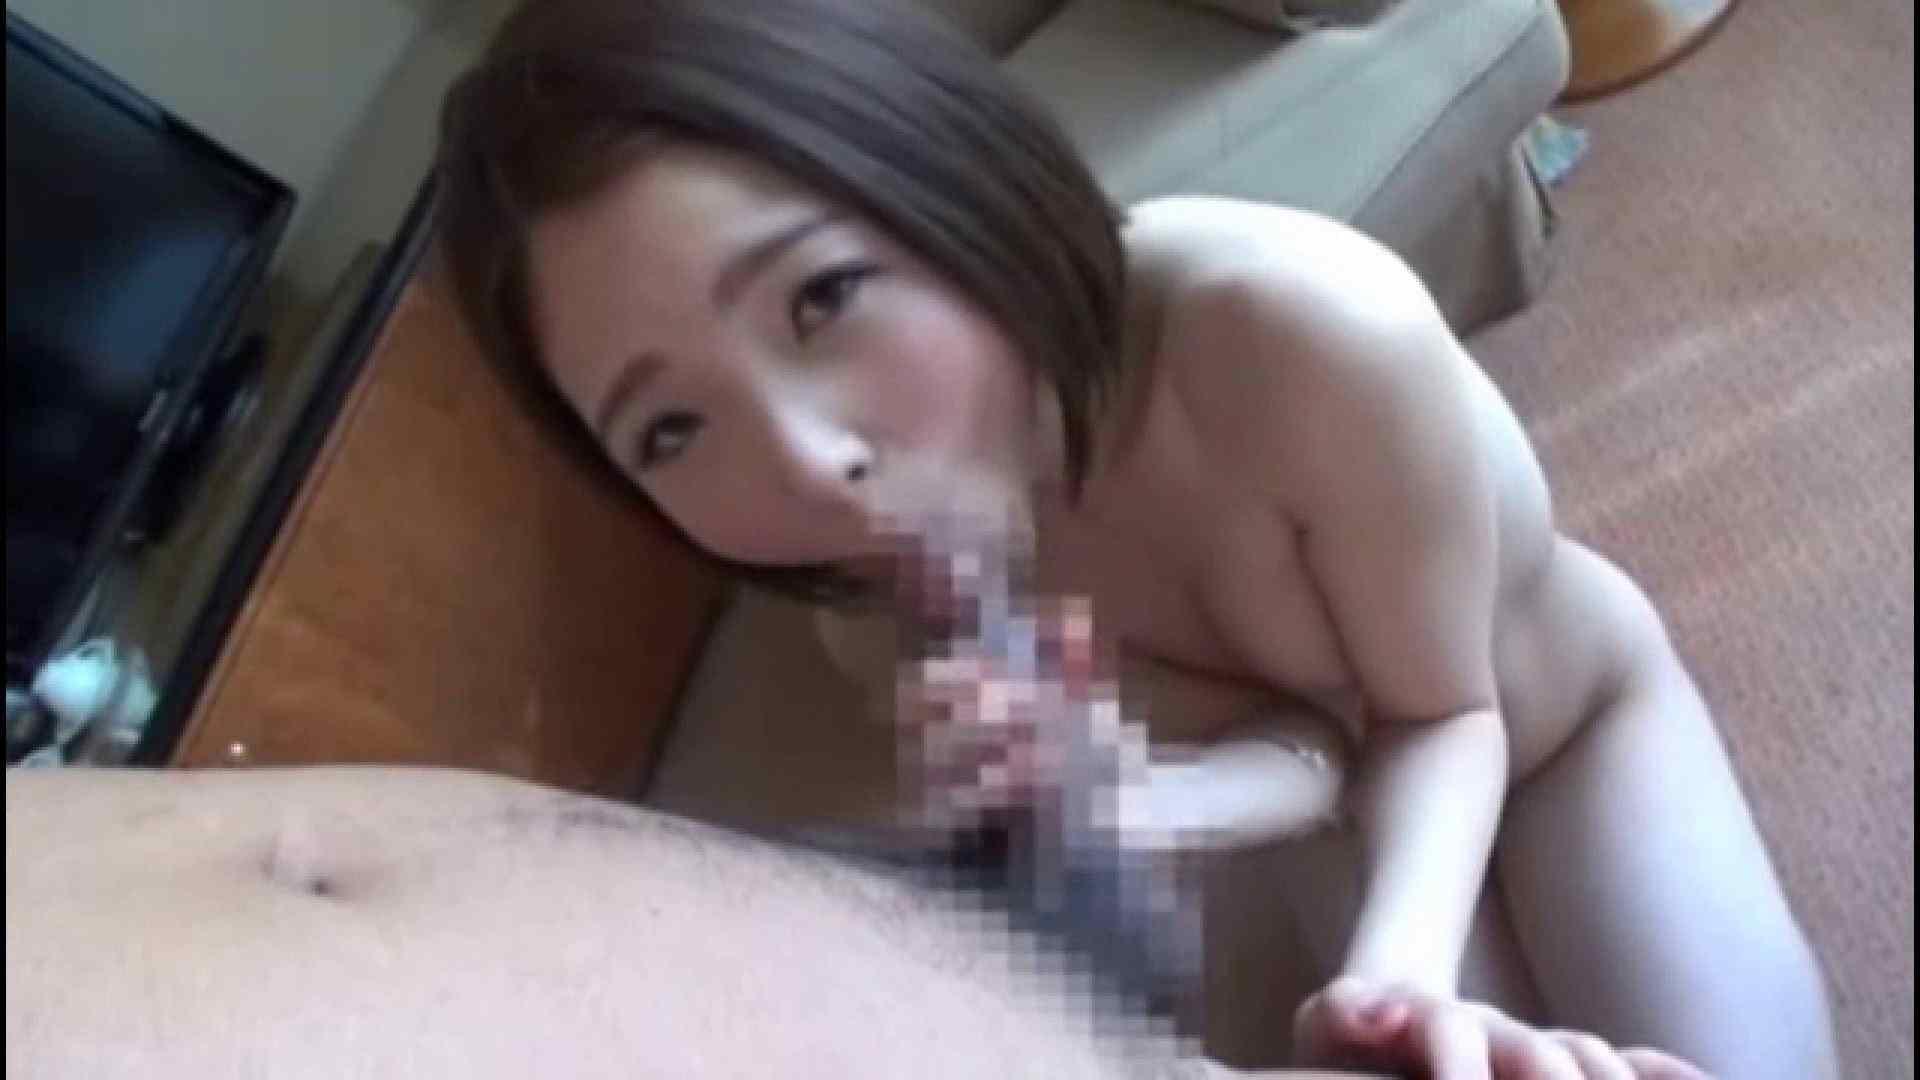 おしえてギャル子のH塾 Vol.45後編 現役ギャル AV動画キャプチャ 104pic 8